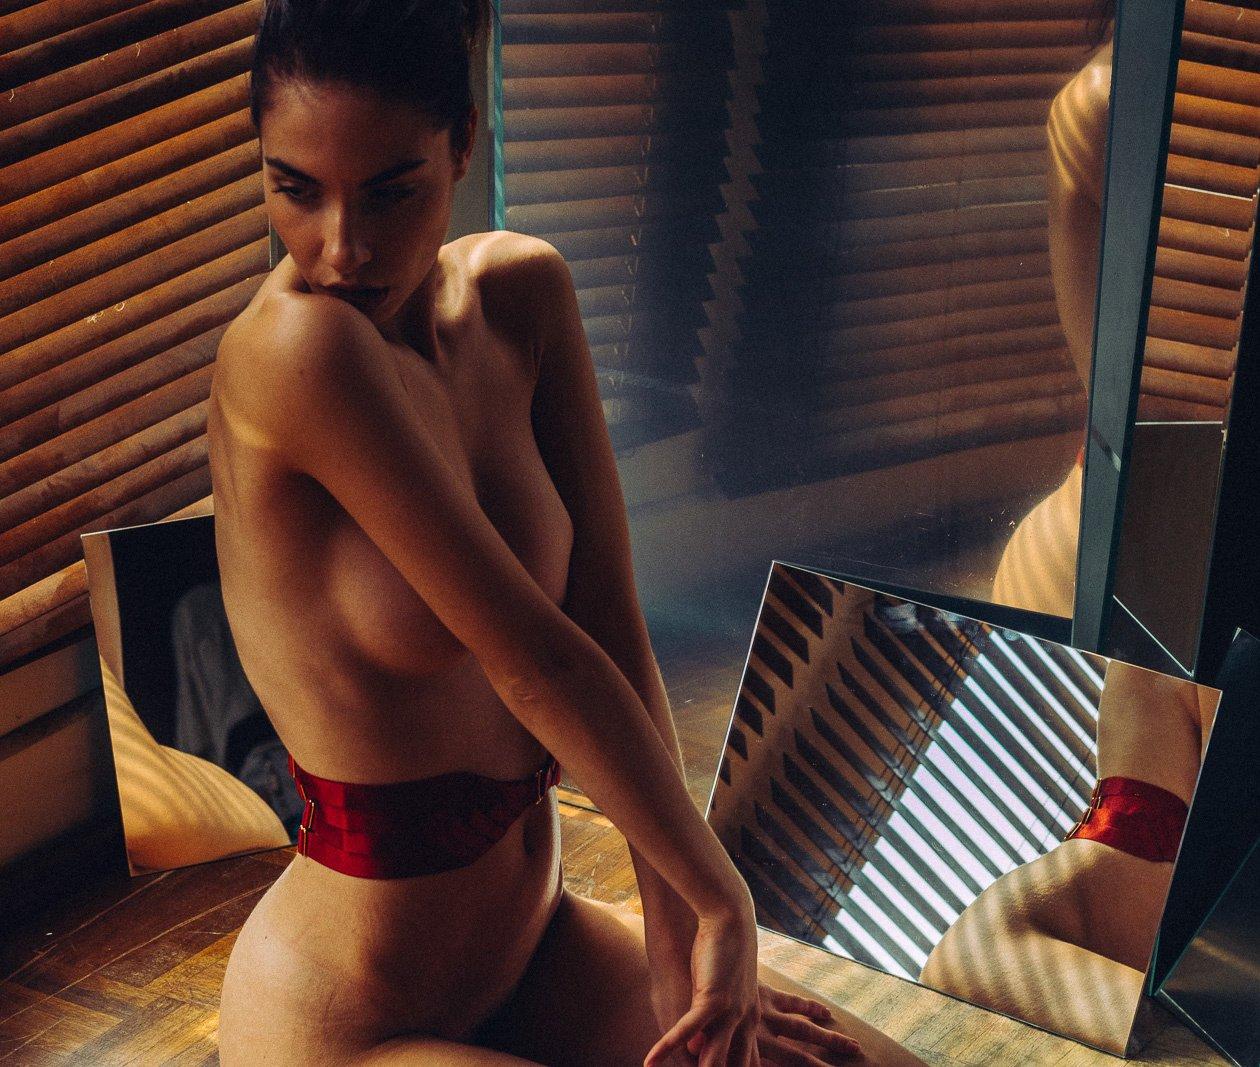 Rebecca Bagnol Rebeccabagnol Nudes Leaks 0003